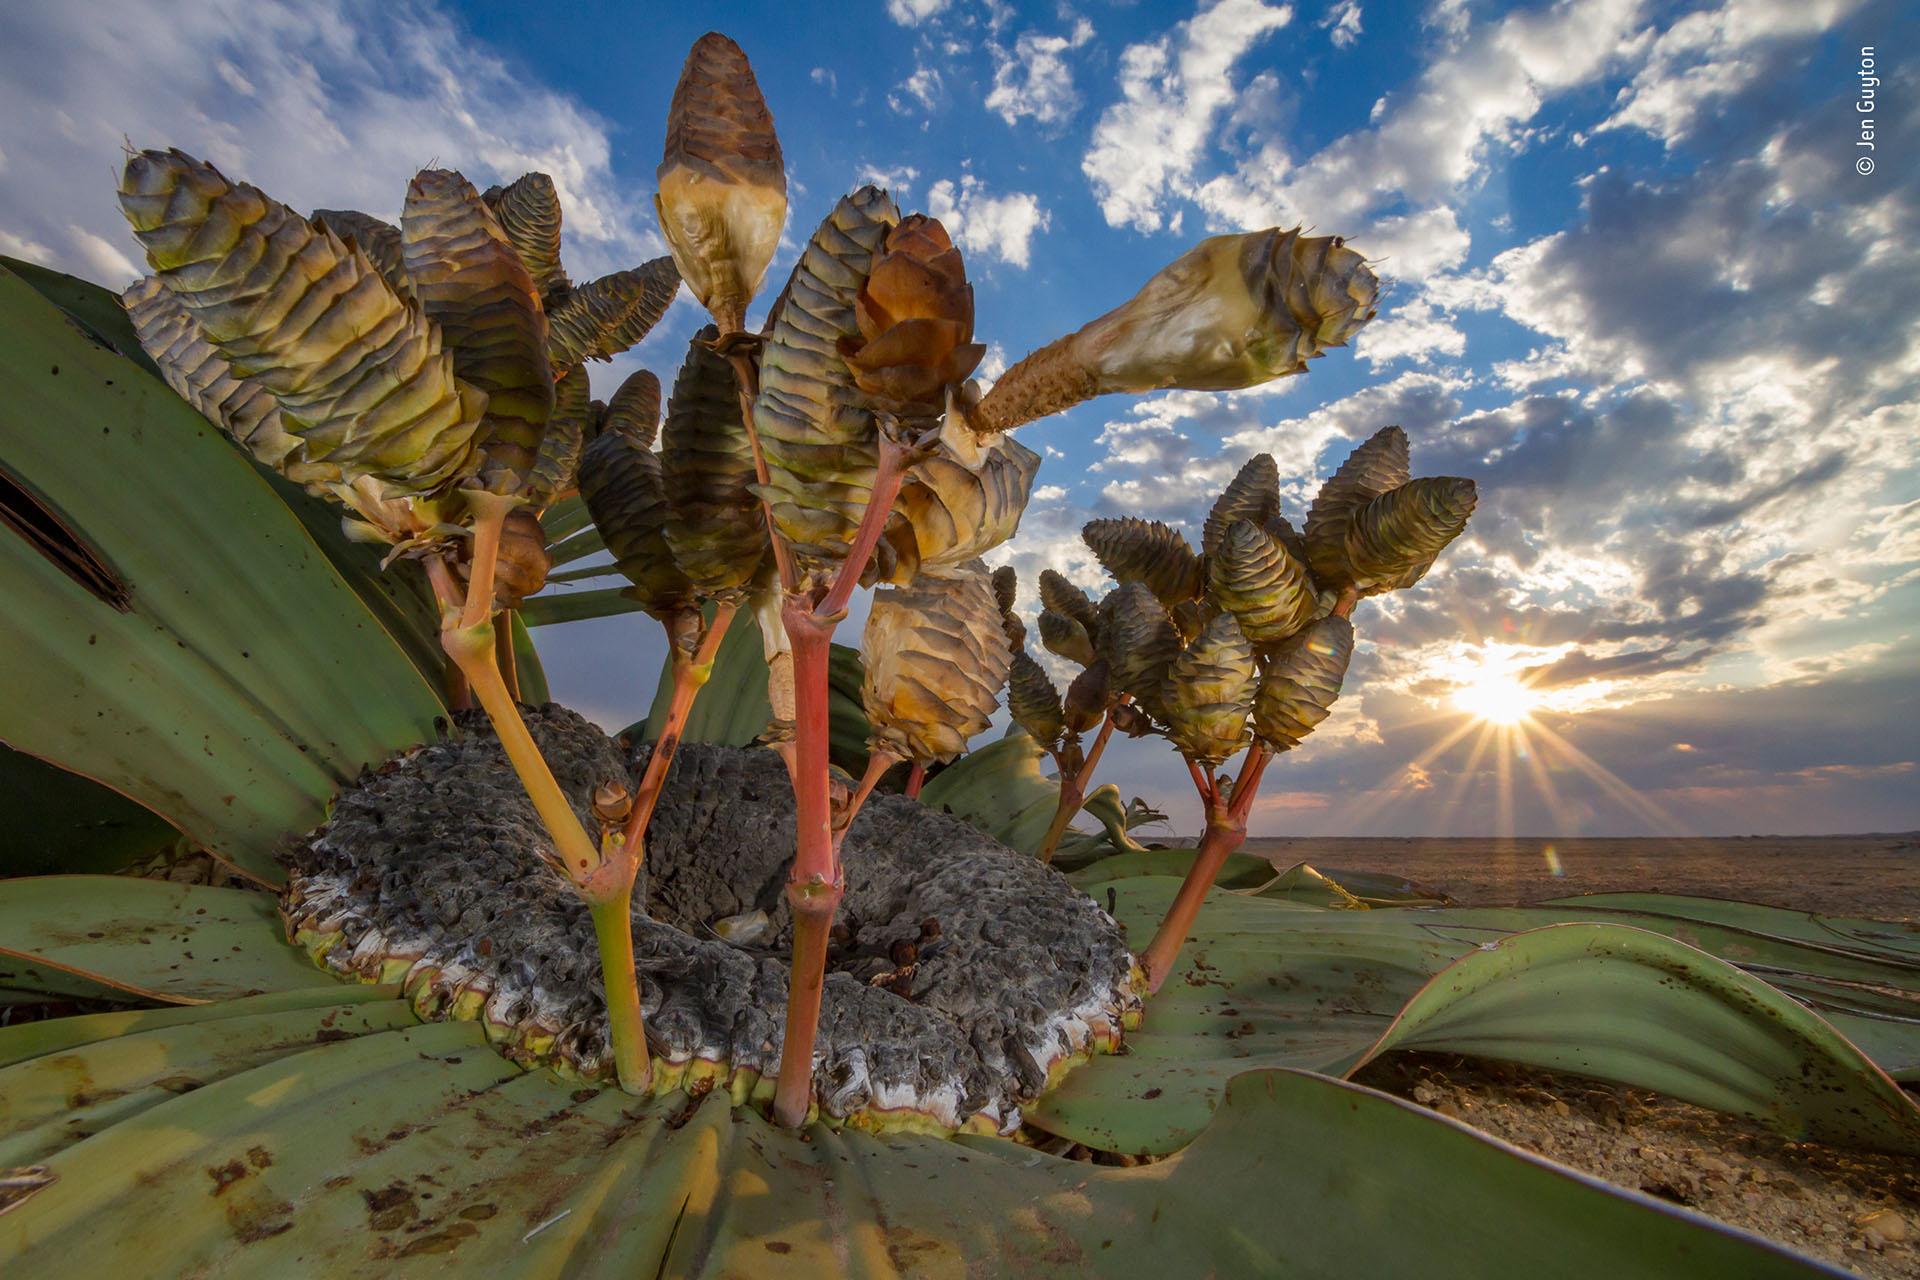 """Jen Guyton (Alemania-EEUU), categoría Plantas y hongos. """"Reliquia del desierto"""", una planta Welwitschia, que puede vivir hasta mil años, en el desierto de Namibia"""